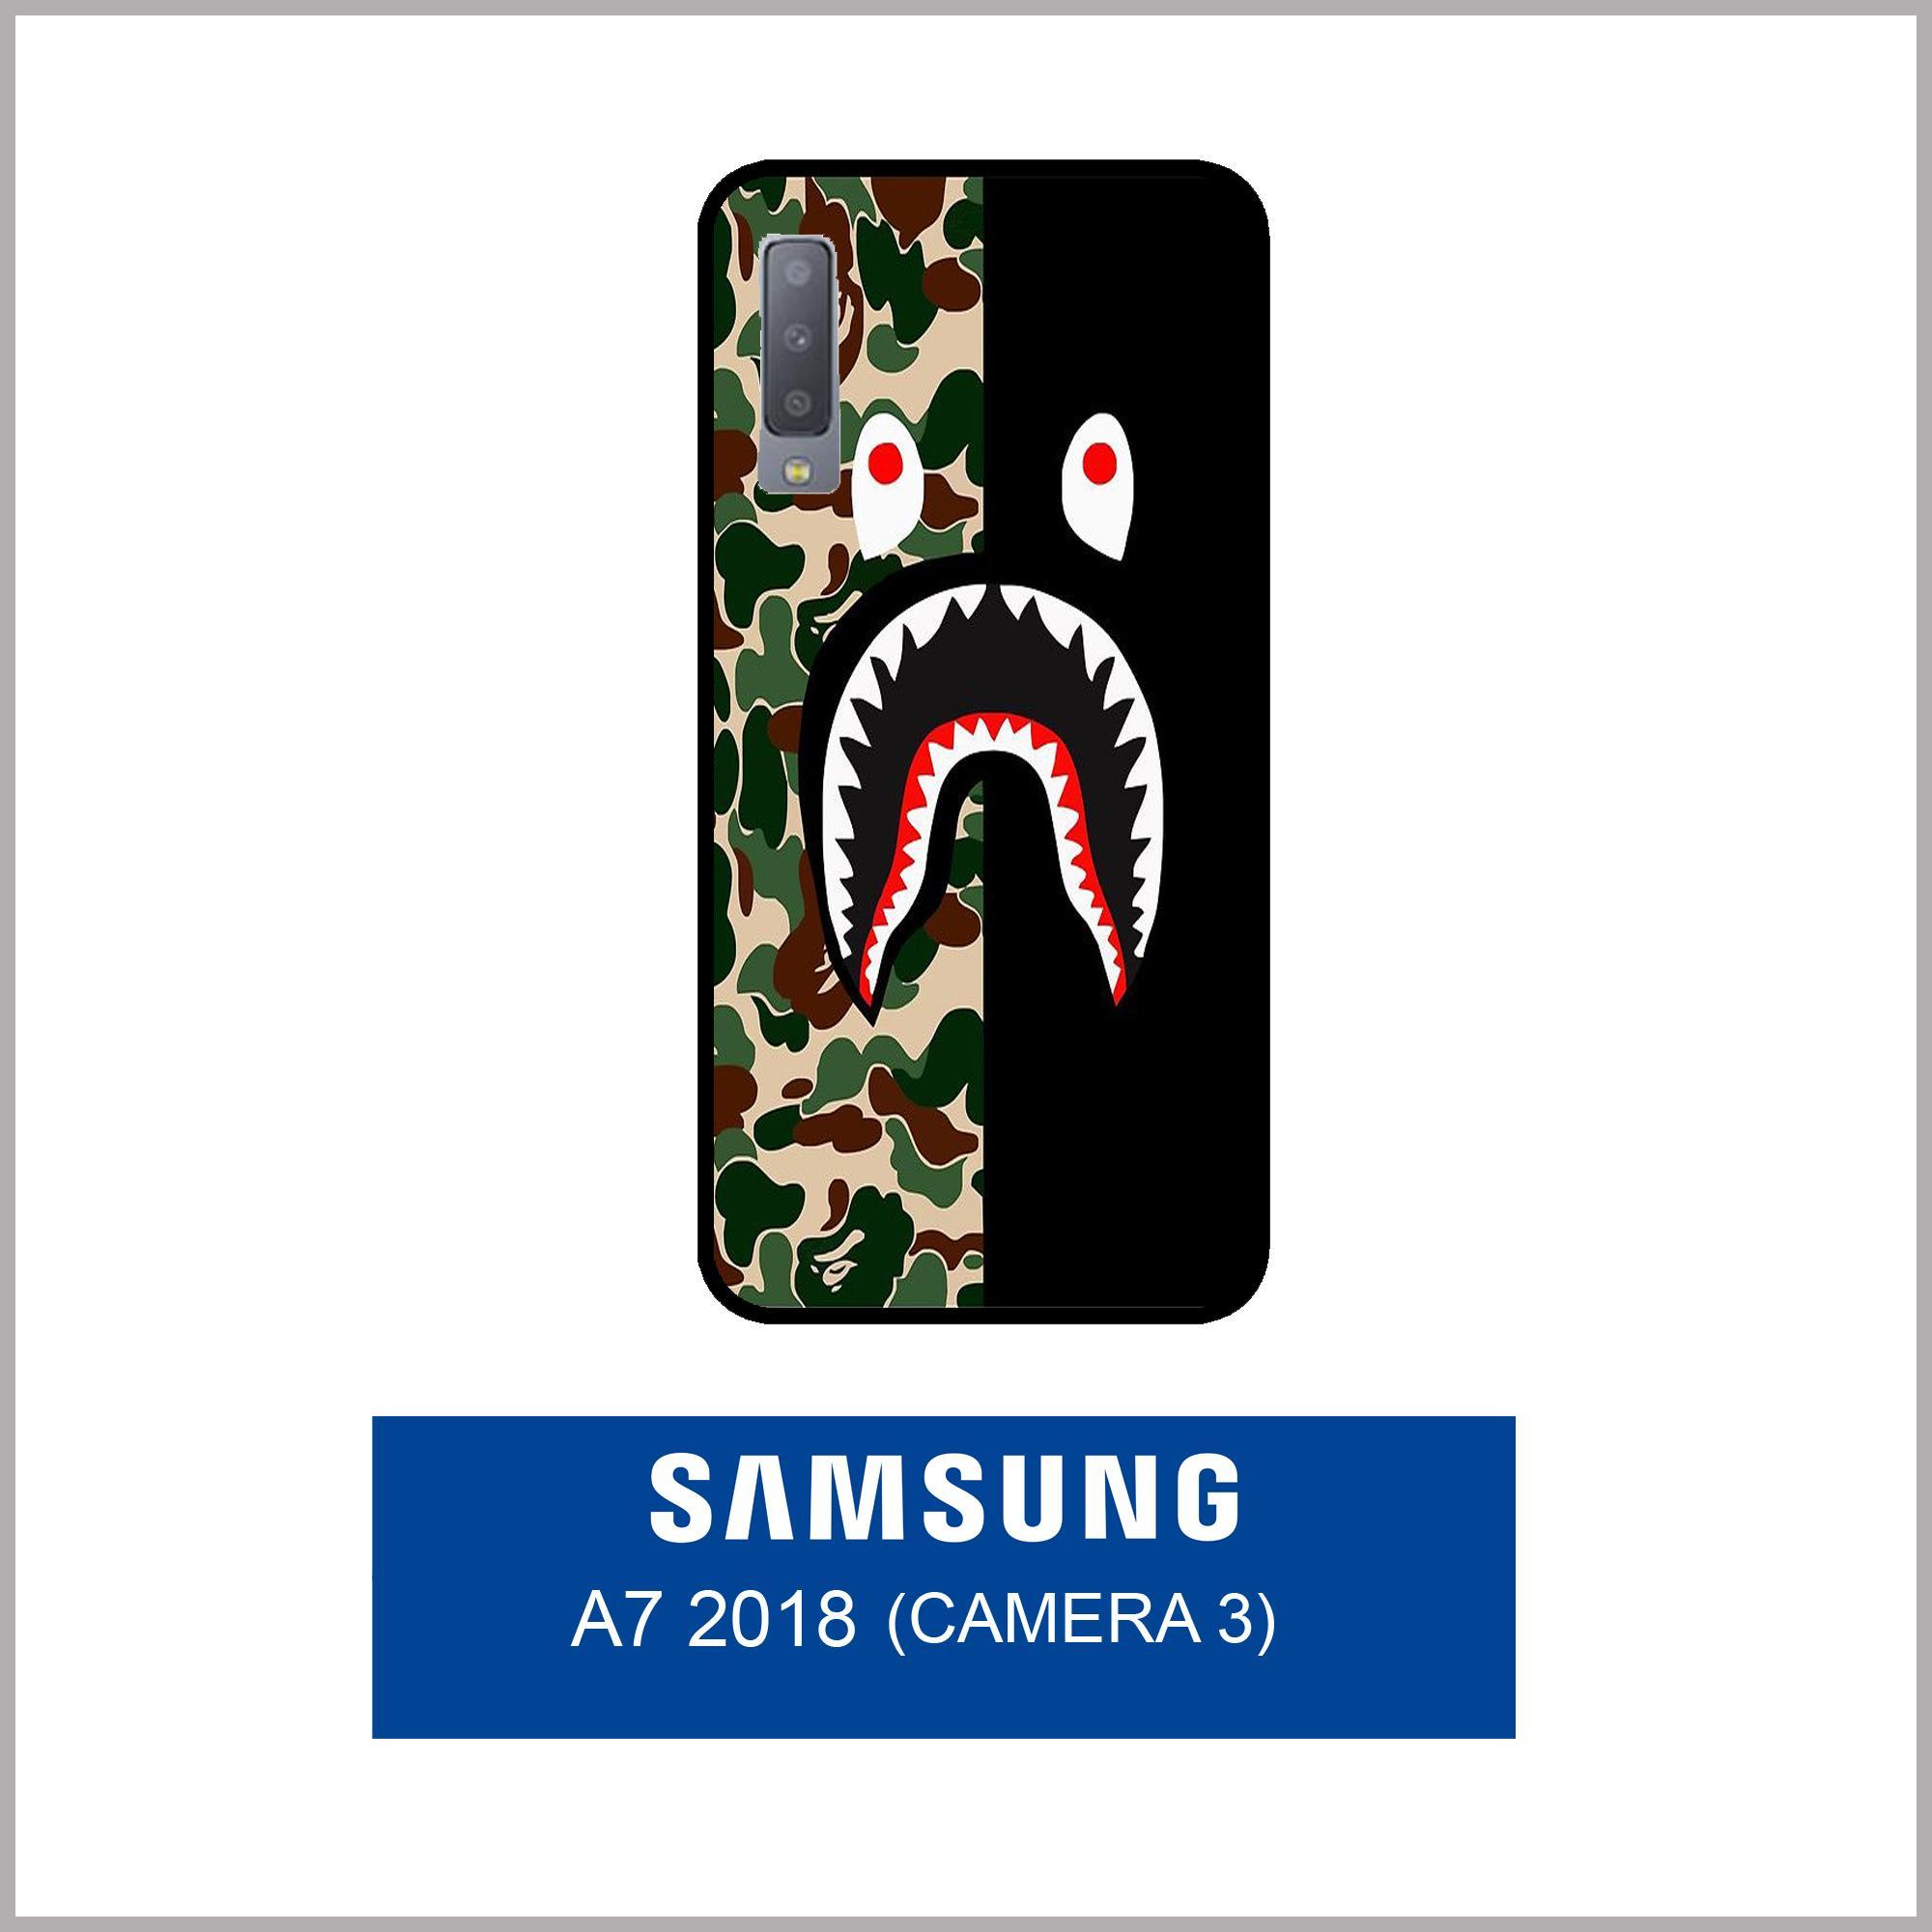 Case Fashion Printing For Samsung Galaxy A7 2018 (3 Camera) - 6